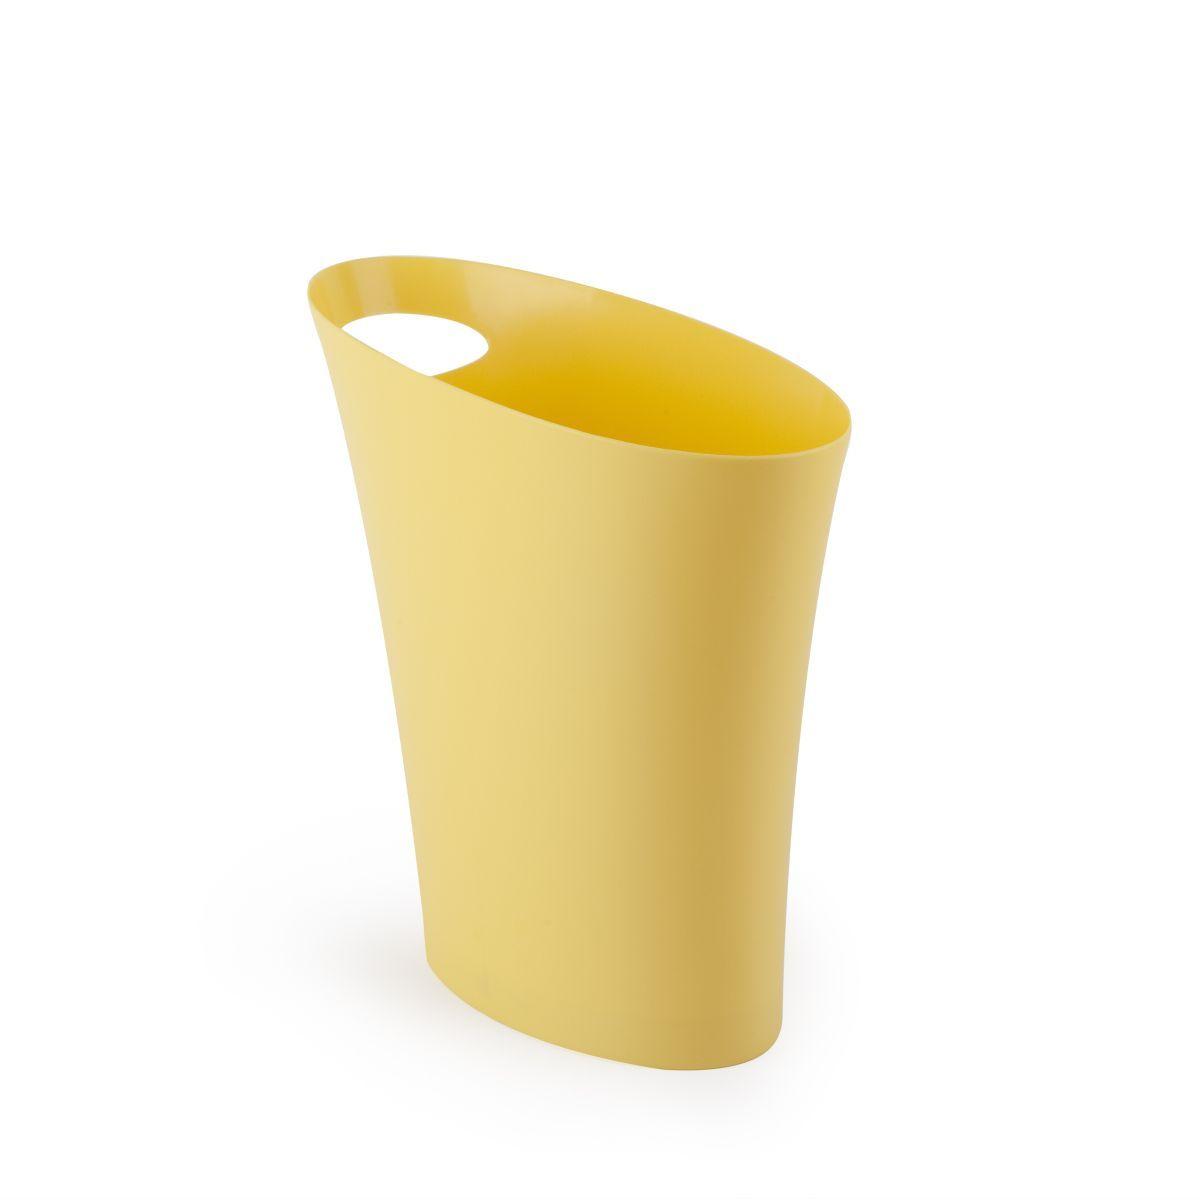 Контейнер для мусора Umbra Skinny, цвет: желтый, 7,5 л80653Очередное изобретение Карима Рашида, одного из самых известных промышленных дизайнеров. Оригинальный замысел и функциональный подход обеспечены! Привычные мусорные корзины в виде старых ведер из под краски или ненужных коробок давно в прошлом. Каждый элемент в современном доме должен иметь определенный смысл, быть креативным и удобным. Вплоть до мусорного ведра. Несмотря на кажущийся миниатюрный размер, ведро вмещает до 7,5 литров, а ручка в виде отверстия на верхней части ведра удобна при переноске.